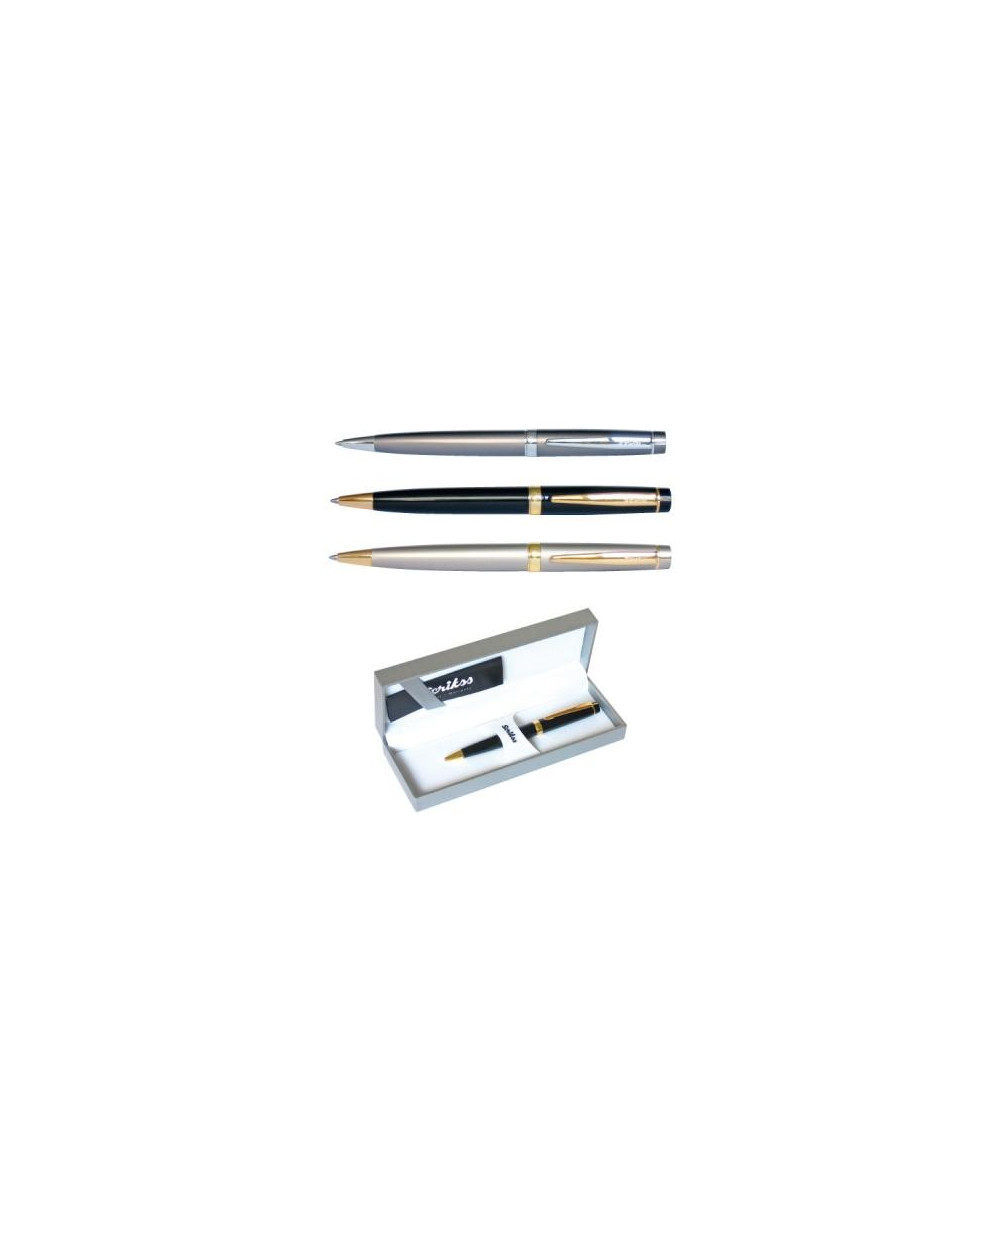 Химикалка Scrikss 38 Fume в кутия лукс